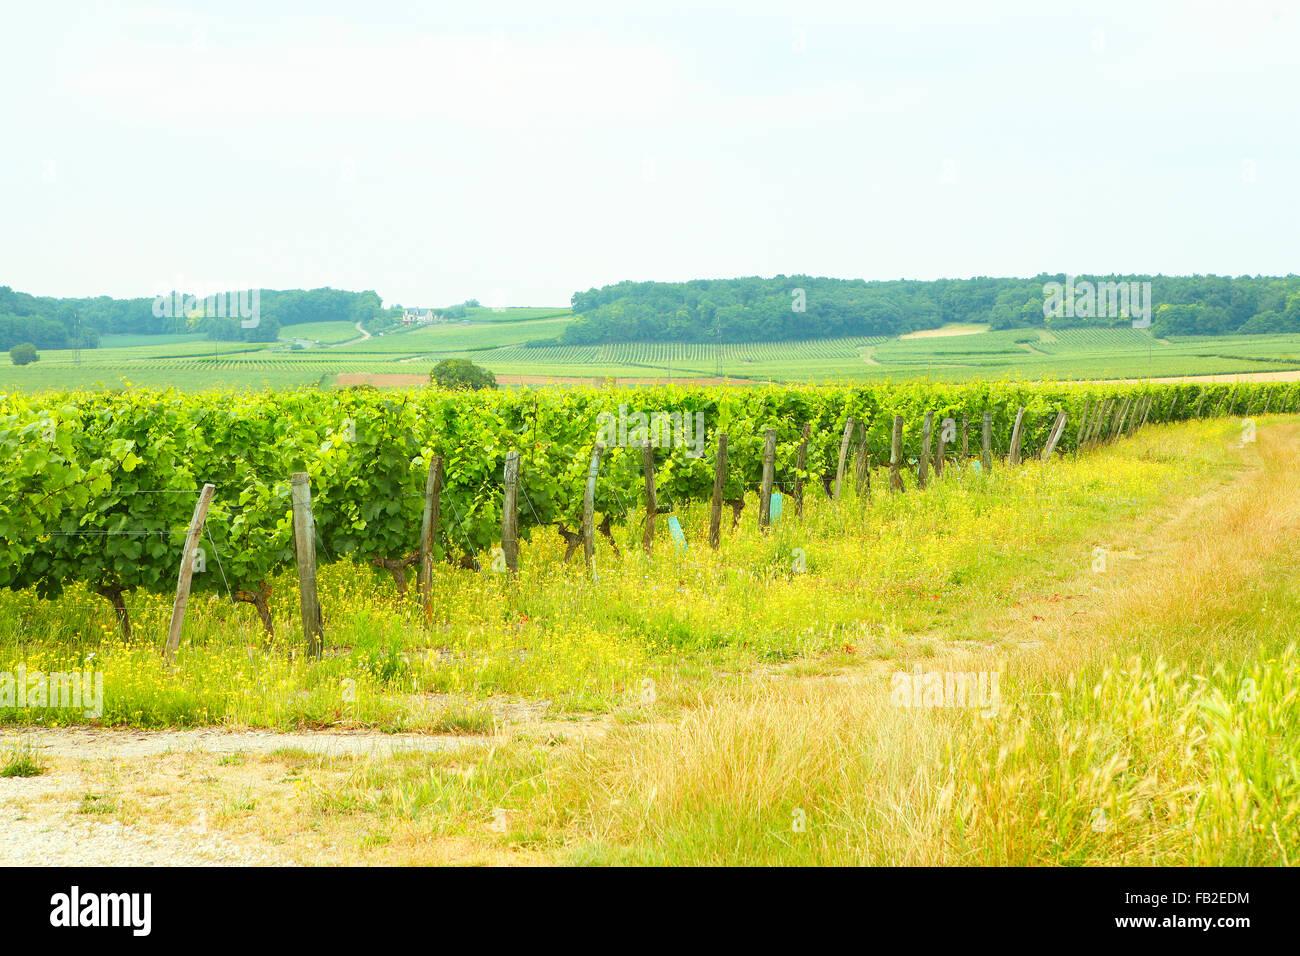 Vineyards in France - Stock Image